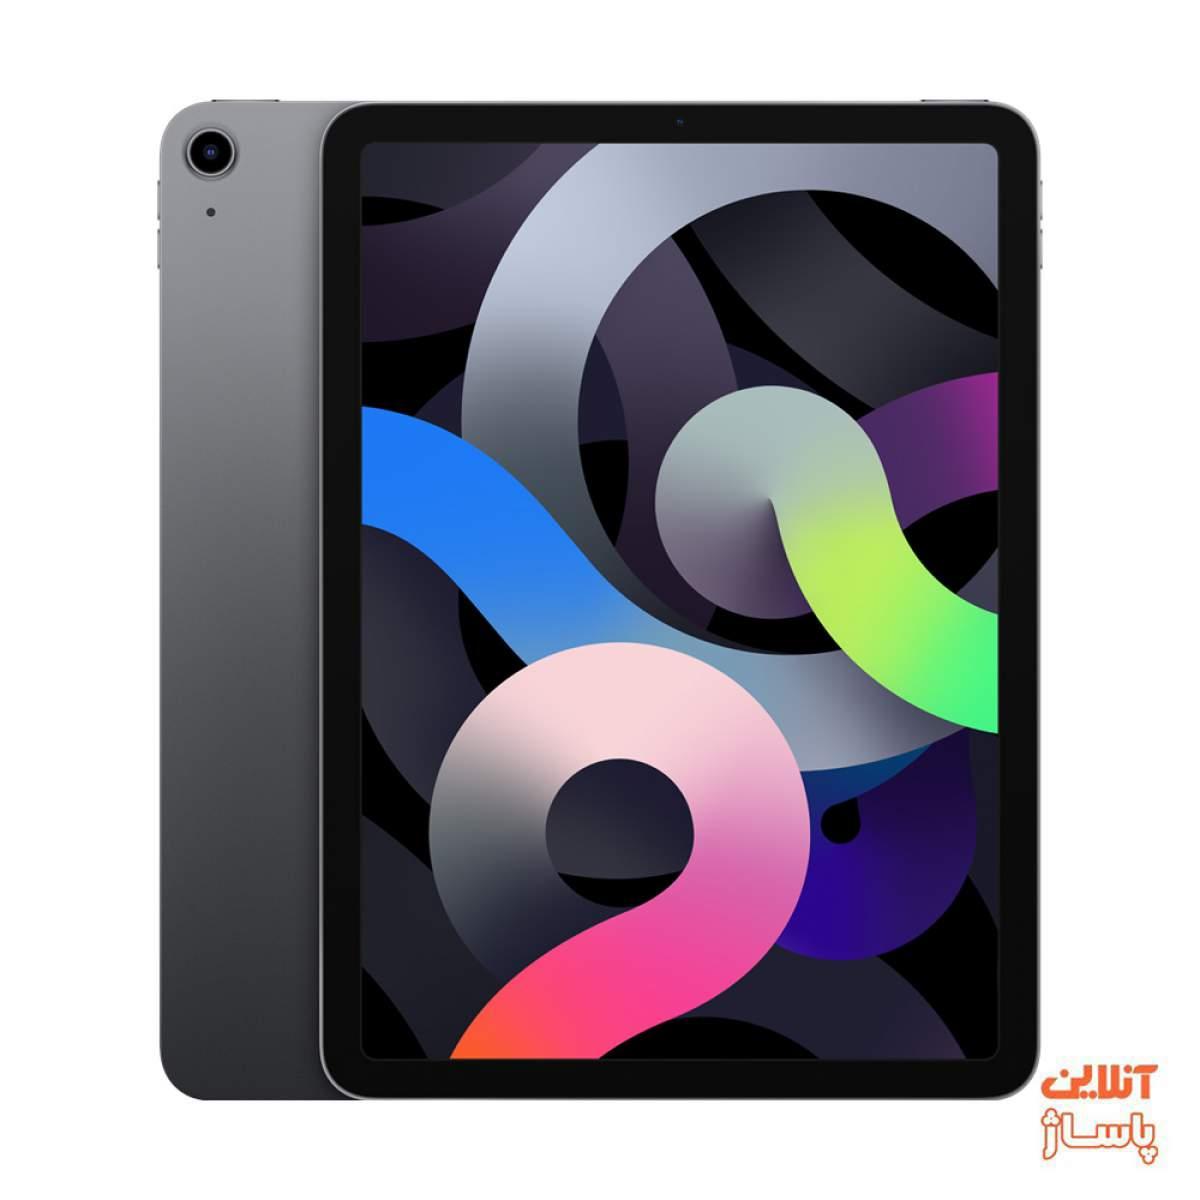 تبلت اپل مدل iPad Air 2020 Wi-Fi+Cellular ظرفیت 64 گیگابایت